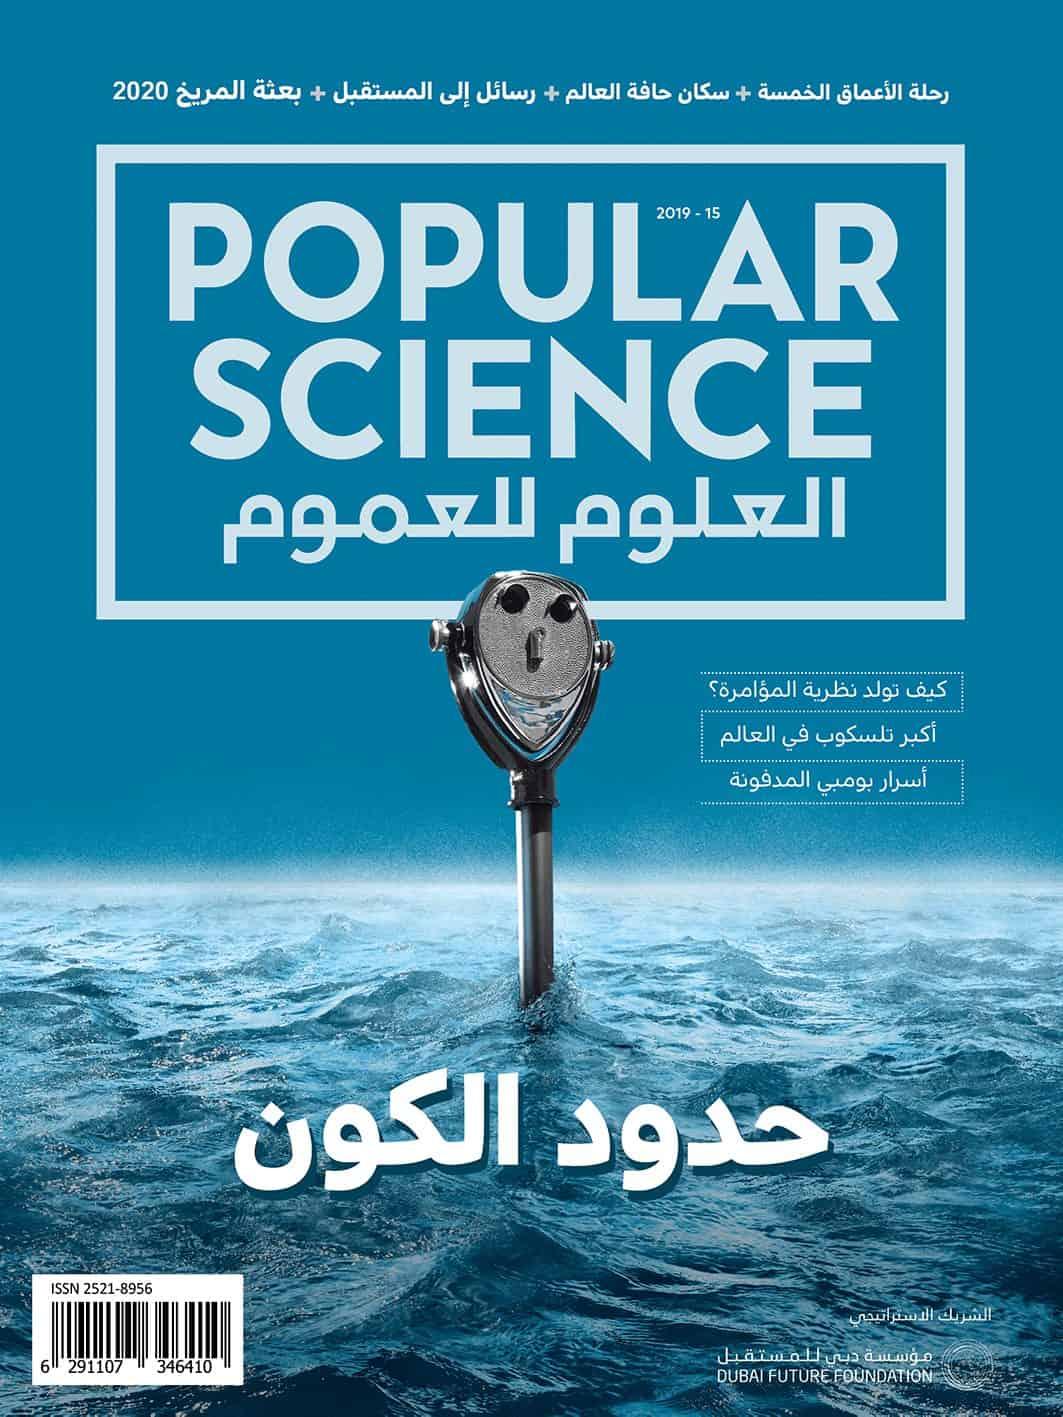 بوبيولار ساينس, مجلة علمية, الكون, مجلات علمية